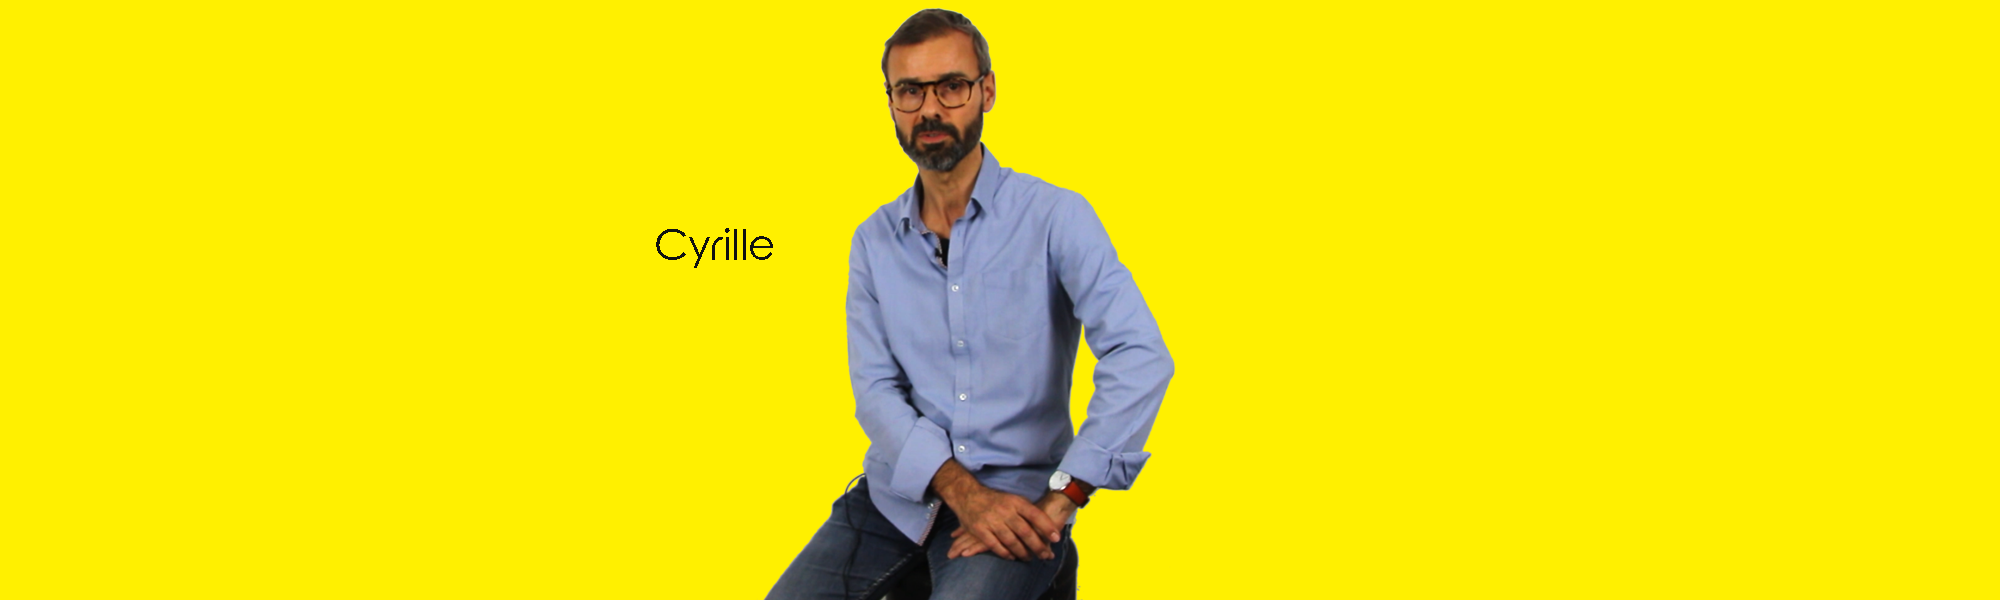 Cyrille Debuisson, dirigeant fondateur de l'agence